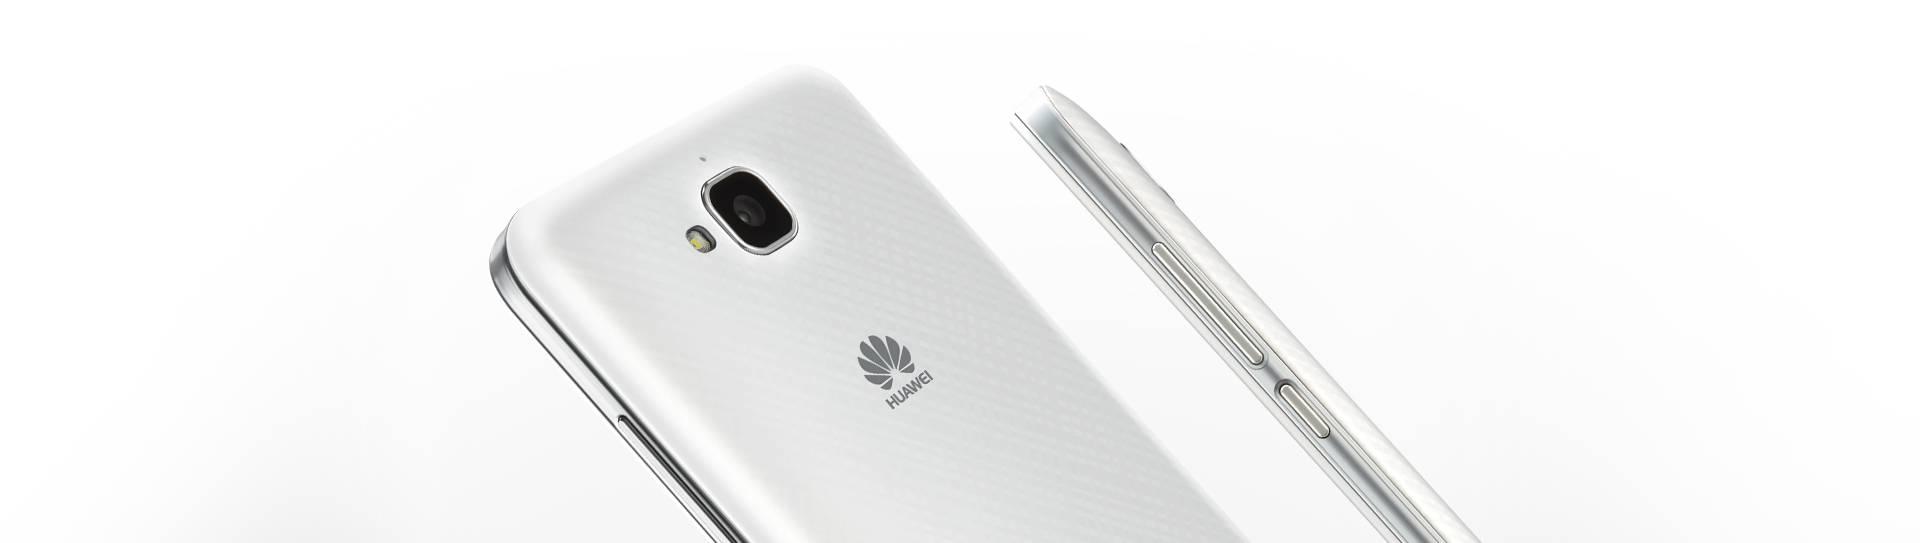 Huawei Y6 Pro 3